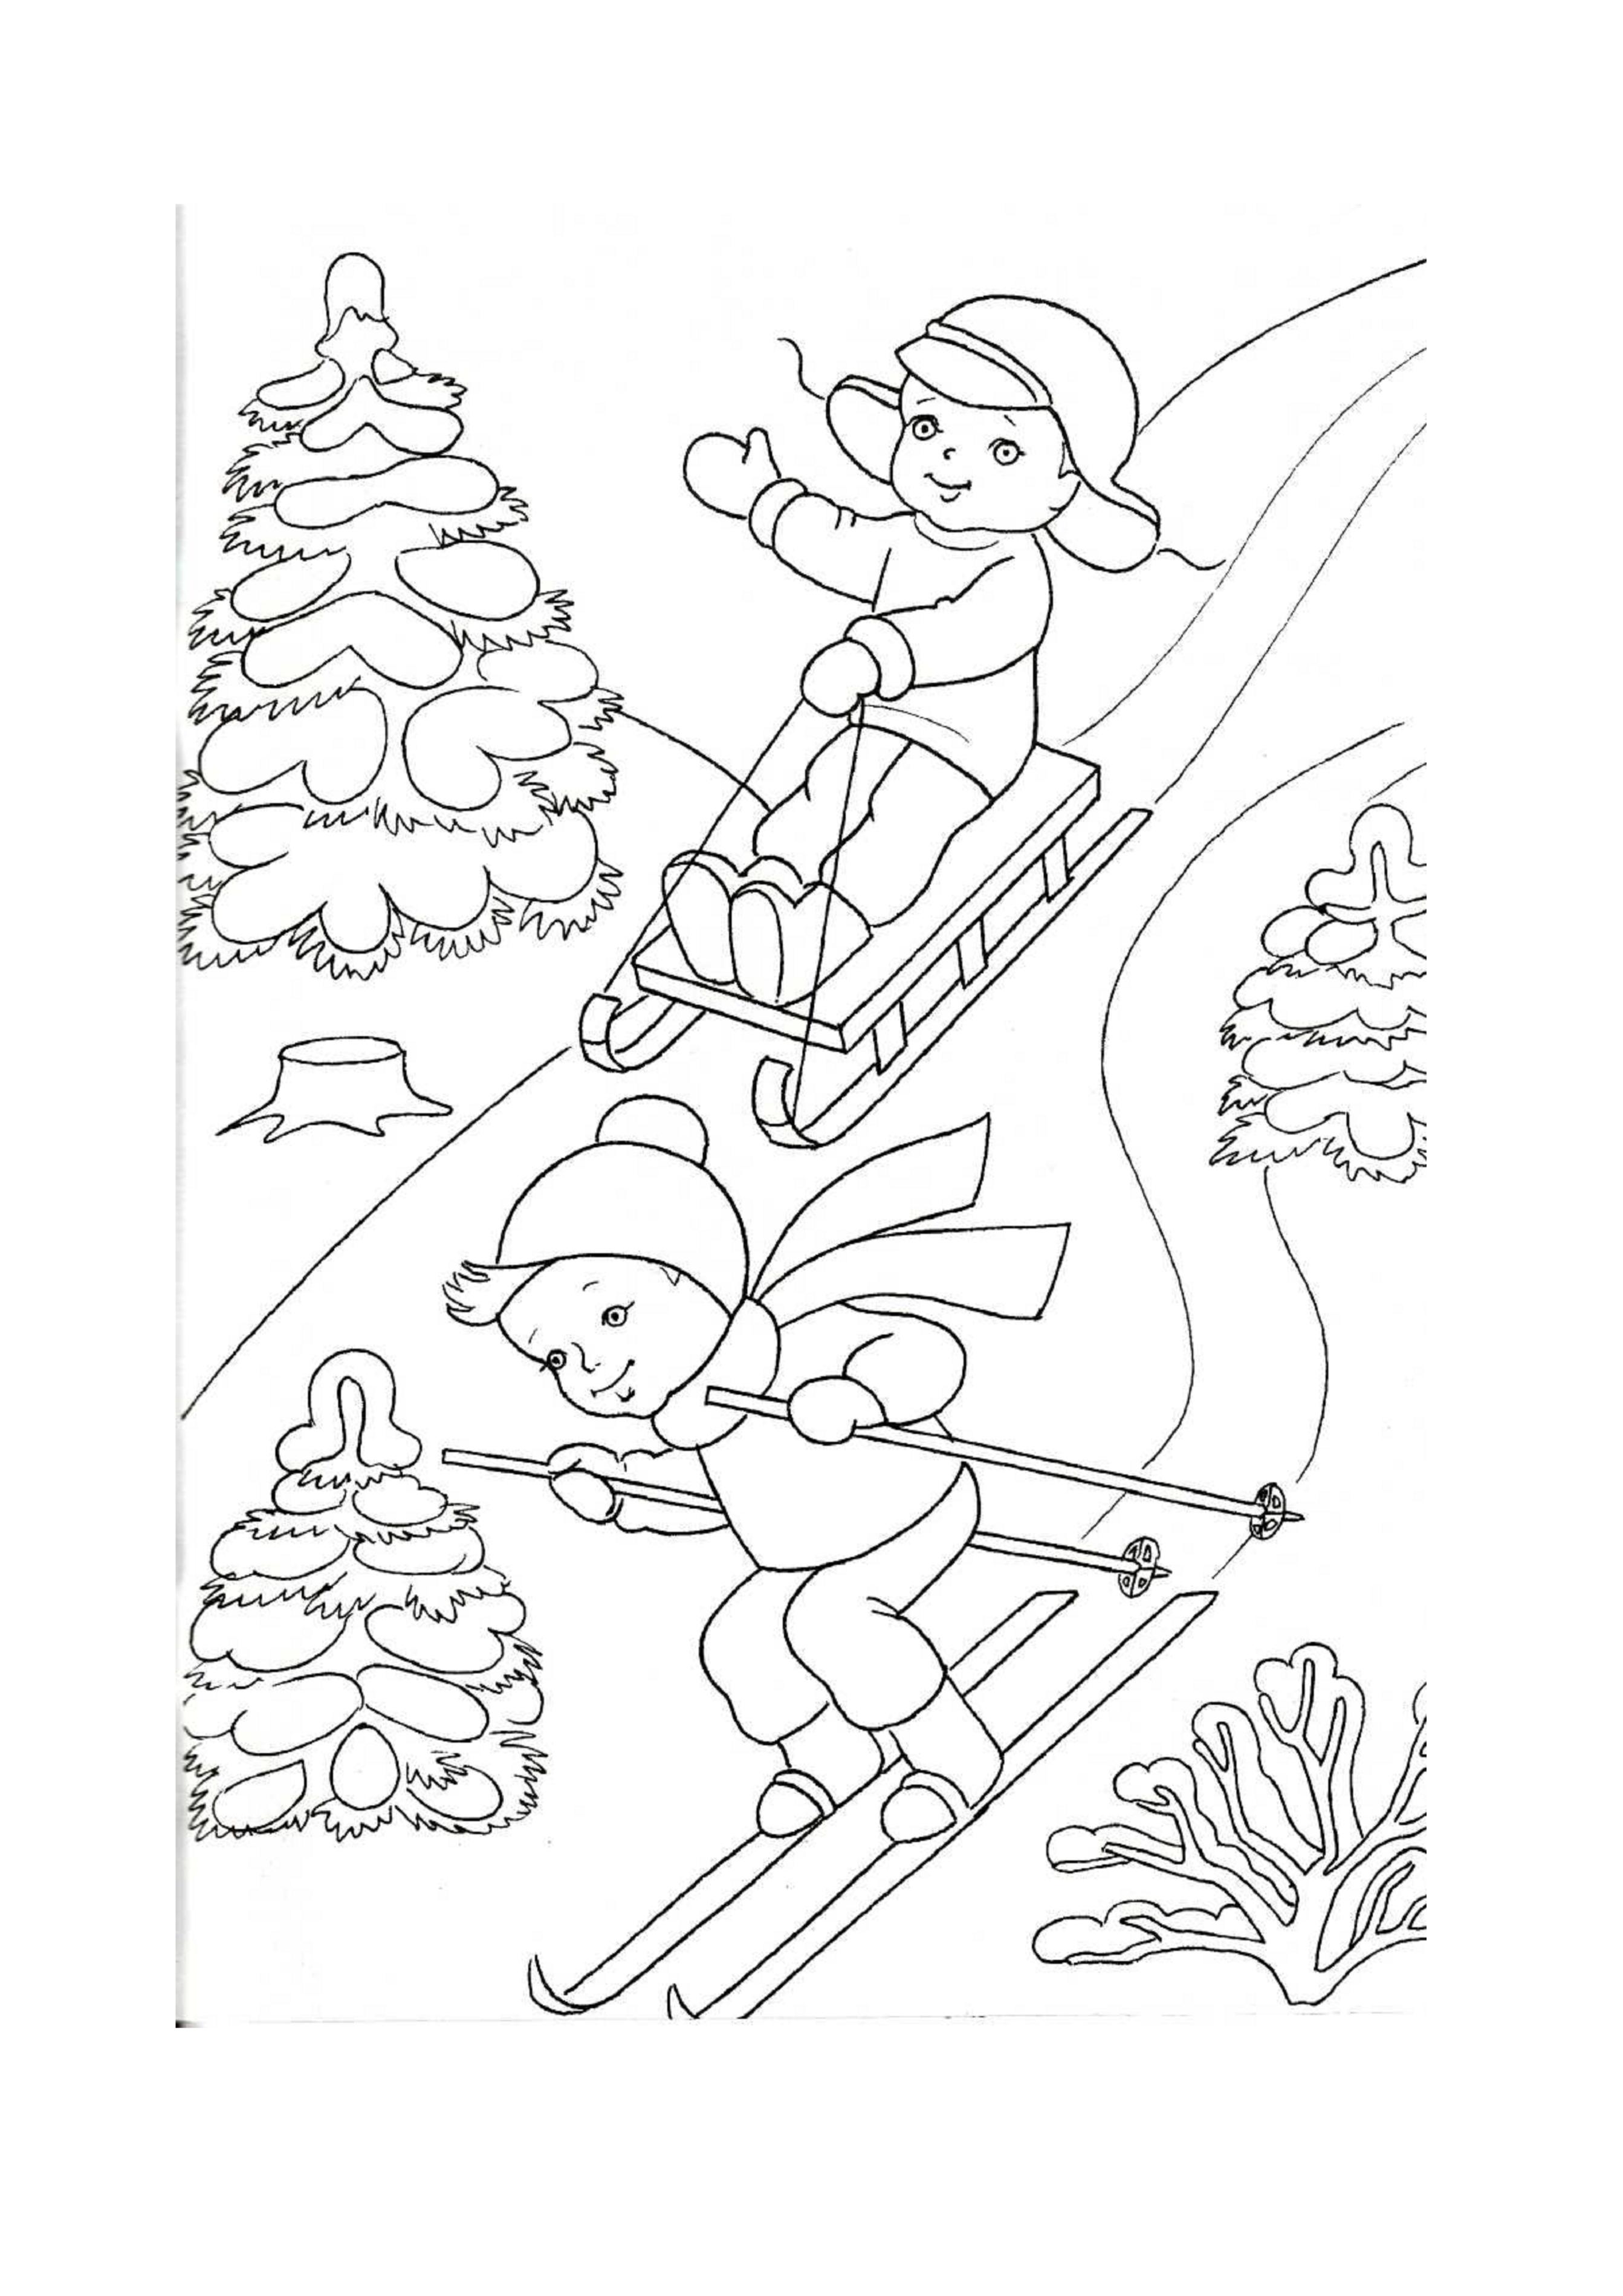 Дети катаются на санках и лыжах в лесу Раскраска сказочная зима